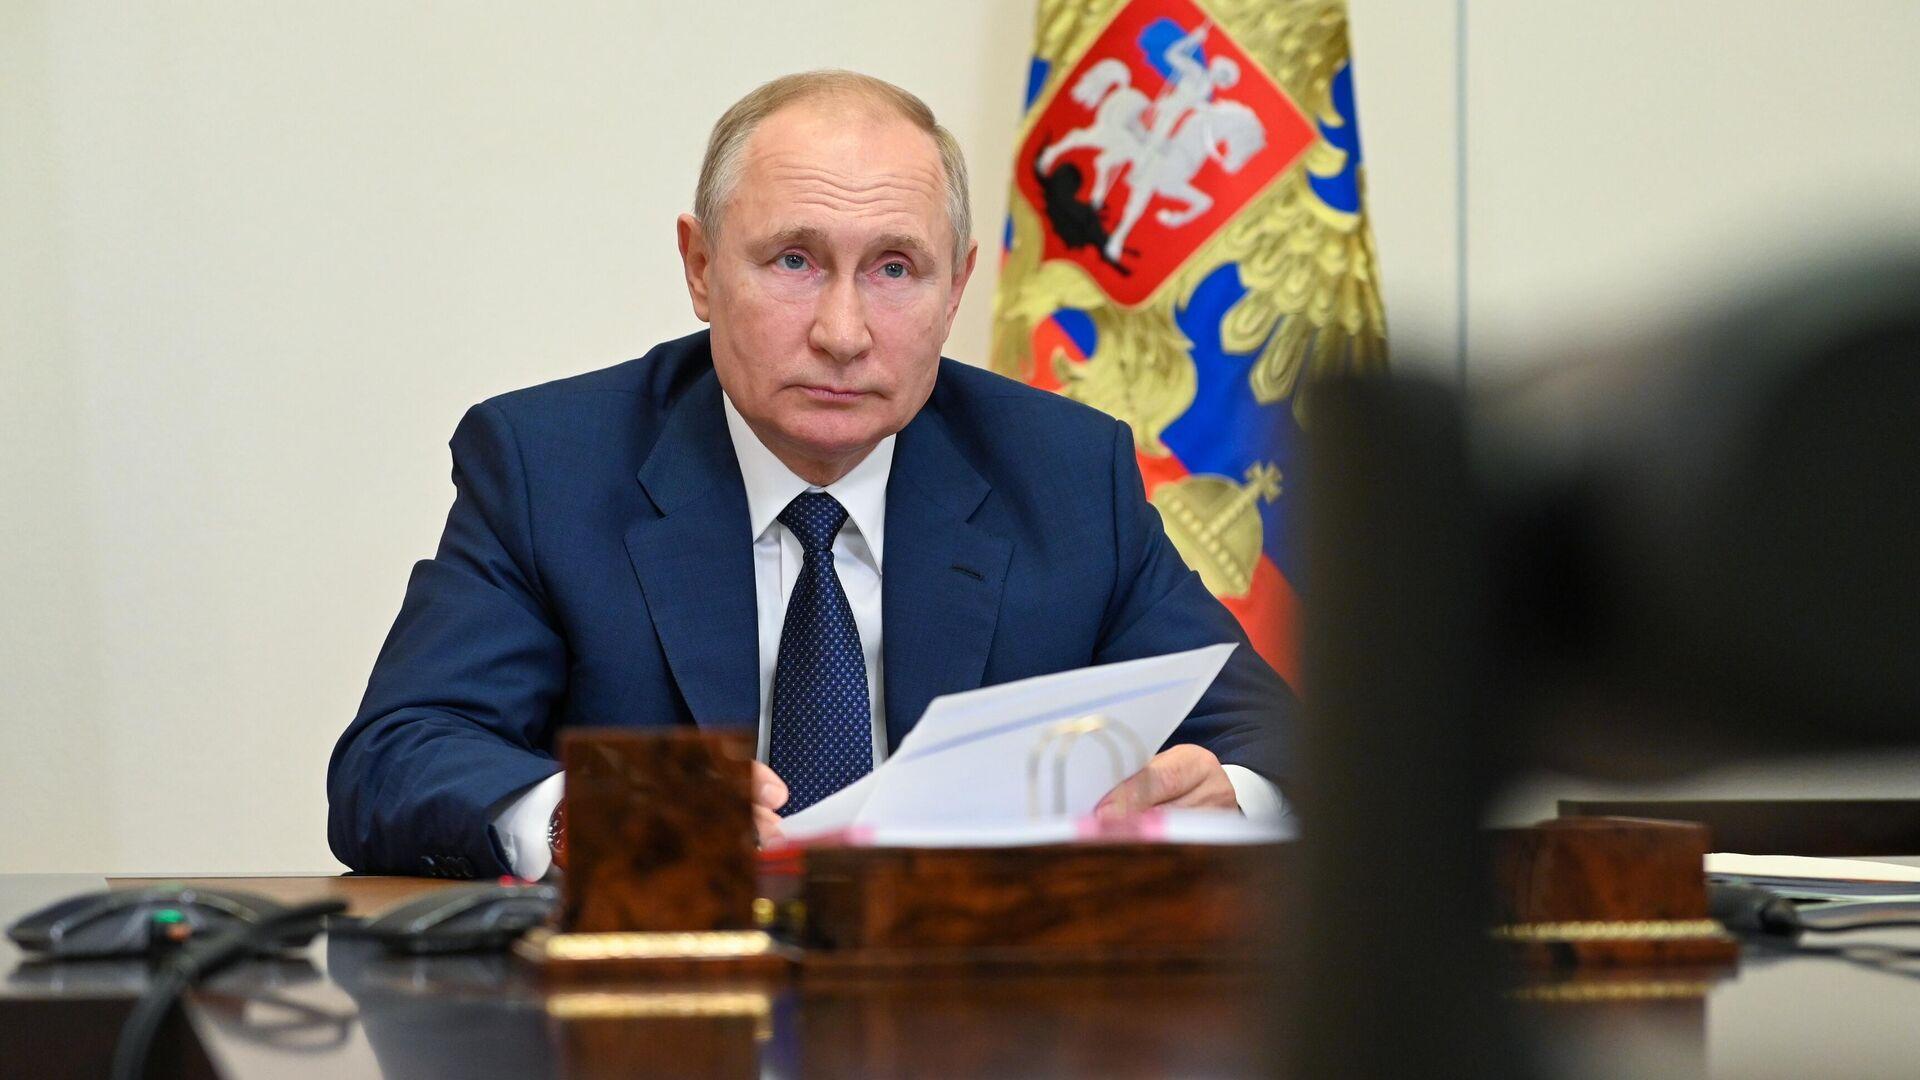 Работу Путина положительно оценивают 57 процентов россиян, показал опрос